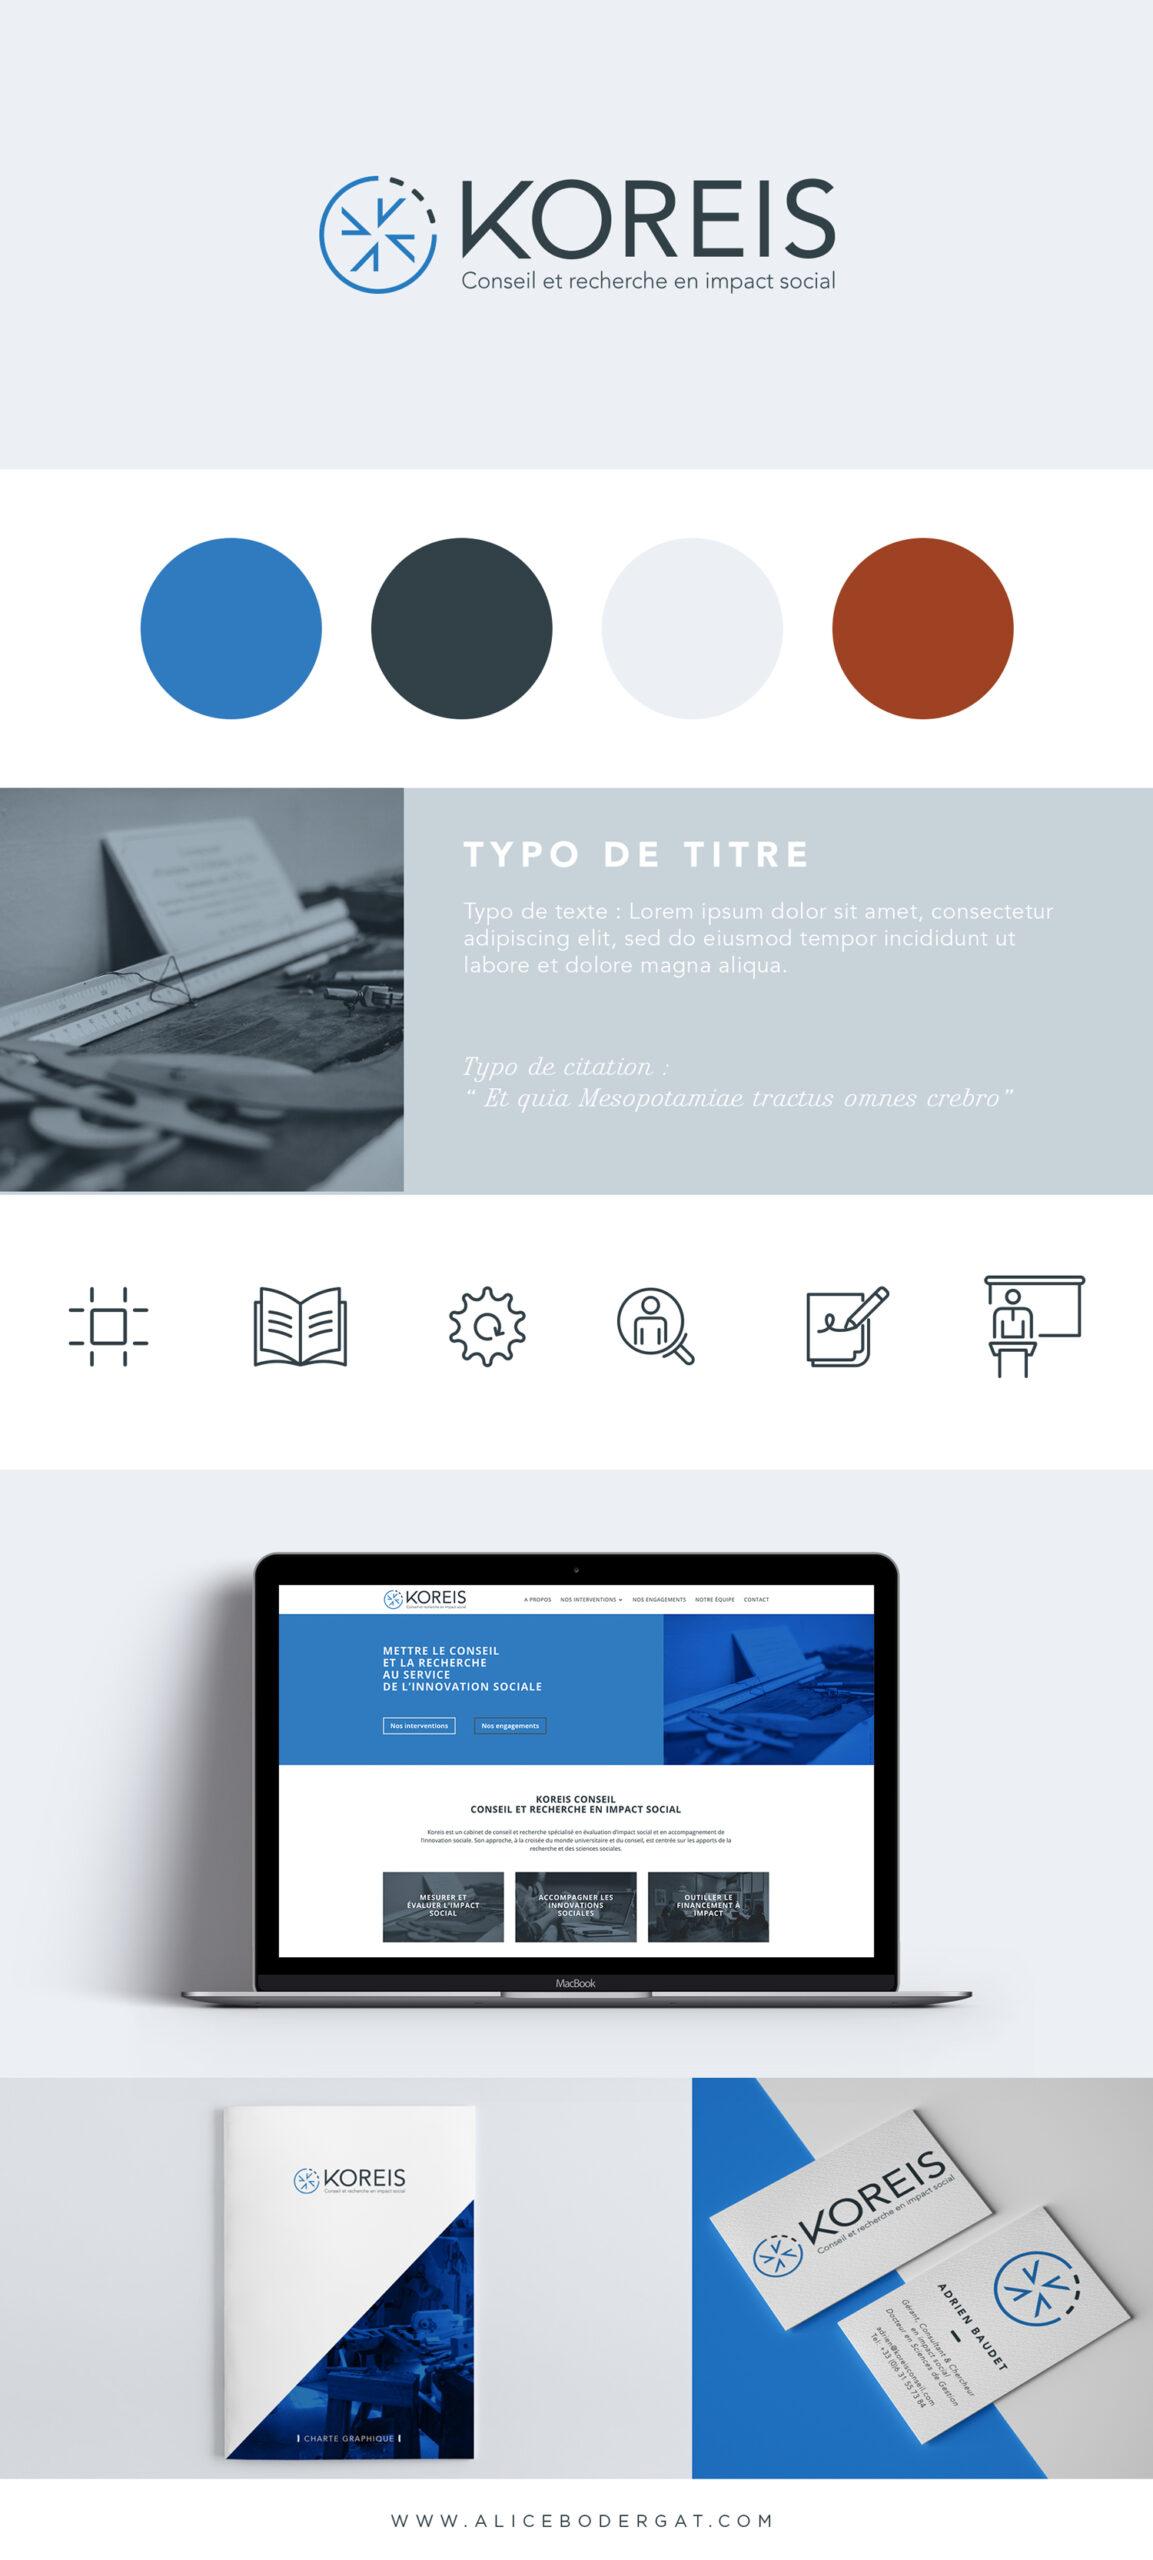 Présentation de l'identité visuelle conçue pour Koreis. Création d'un logo et d'une identité visuelle, direction artistique et design web